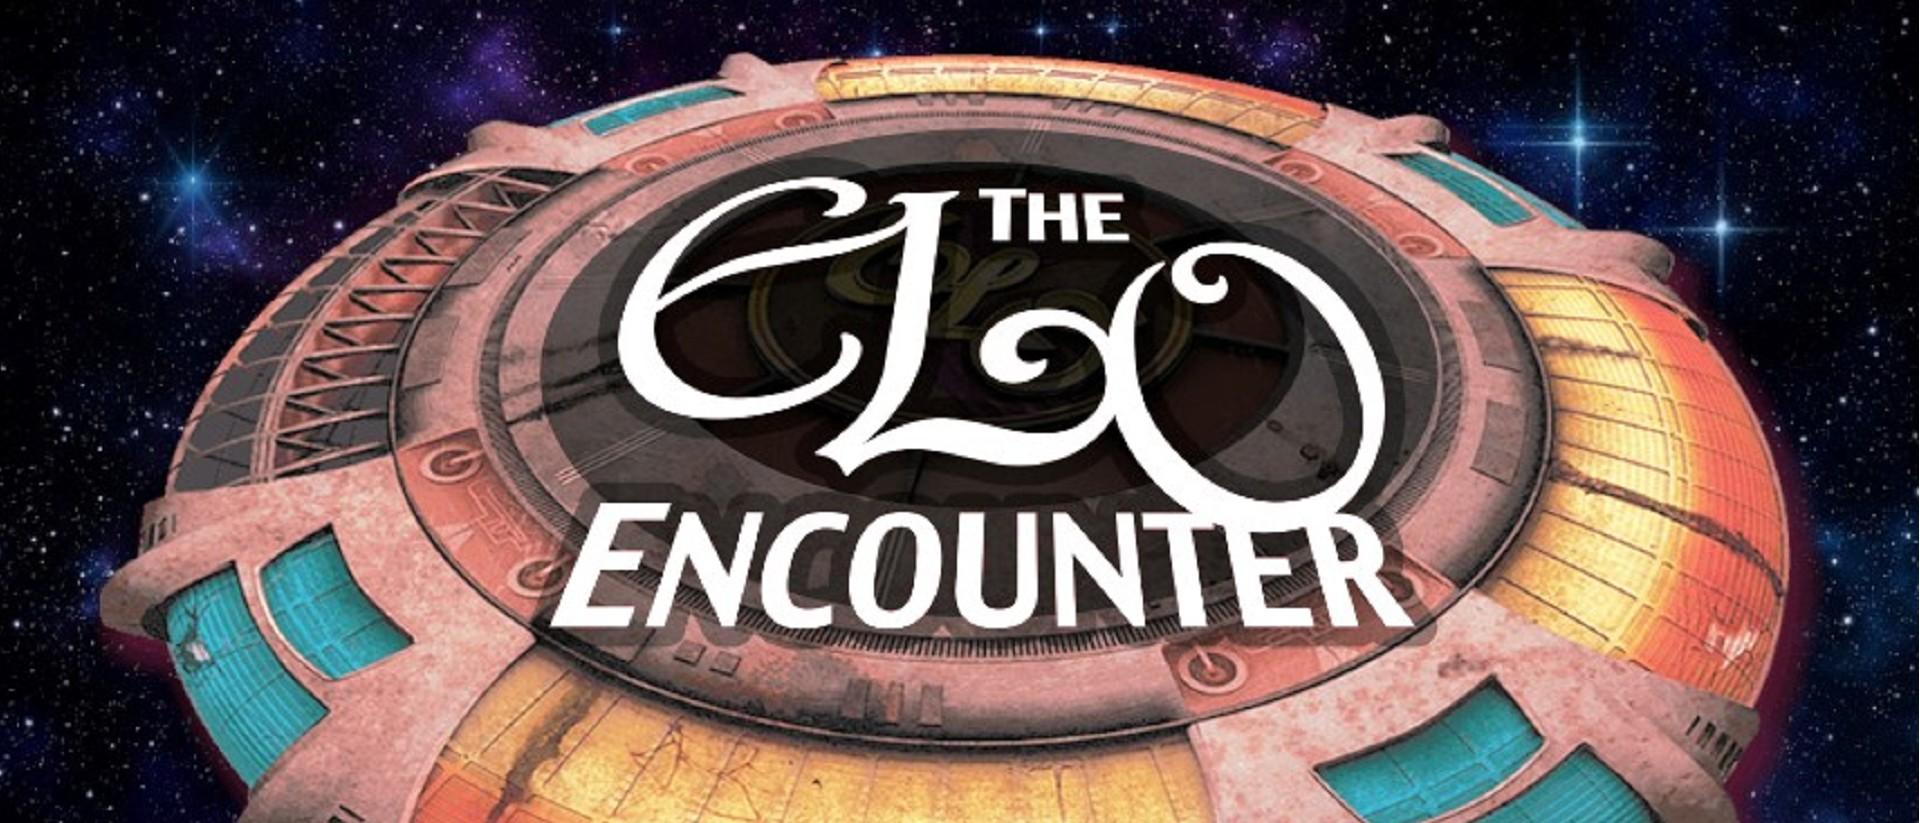 The ELO Encounter